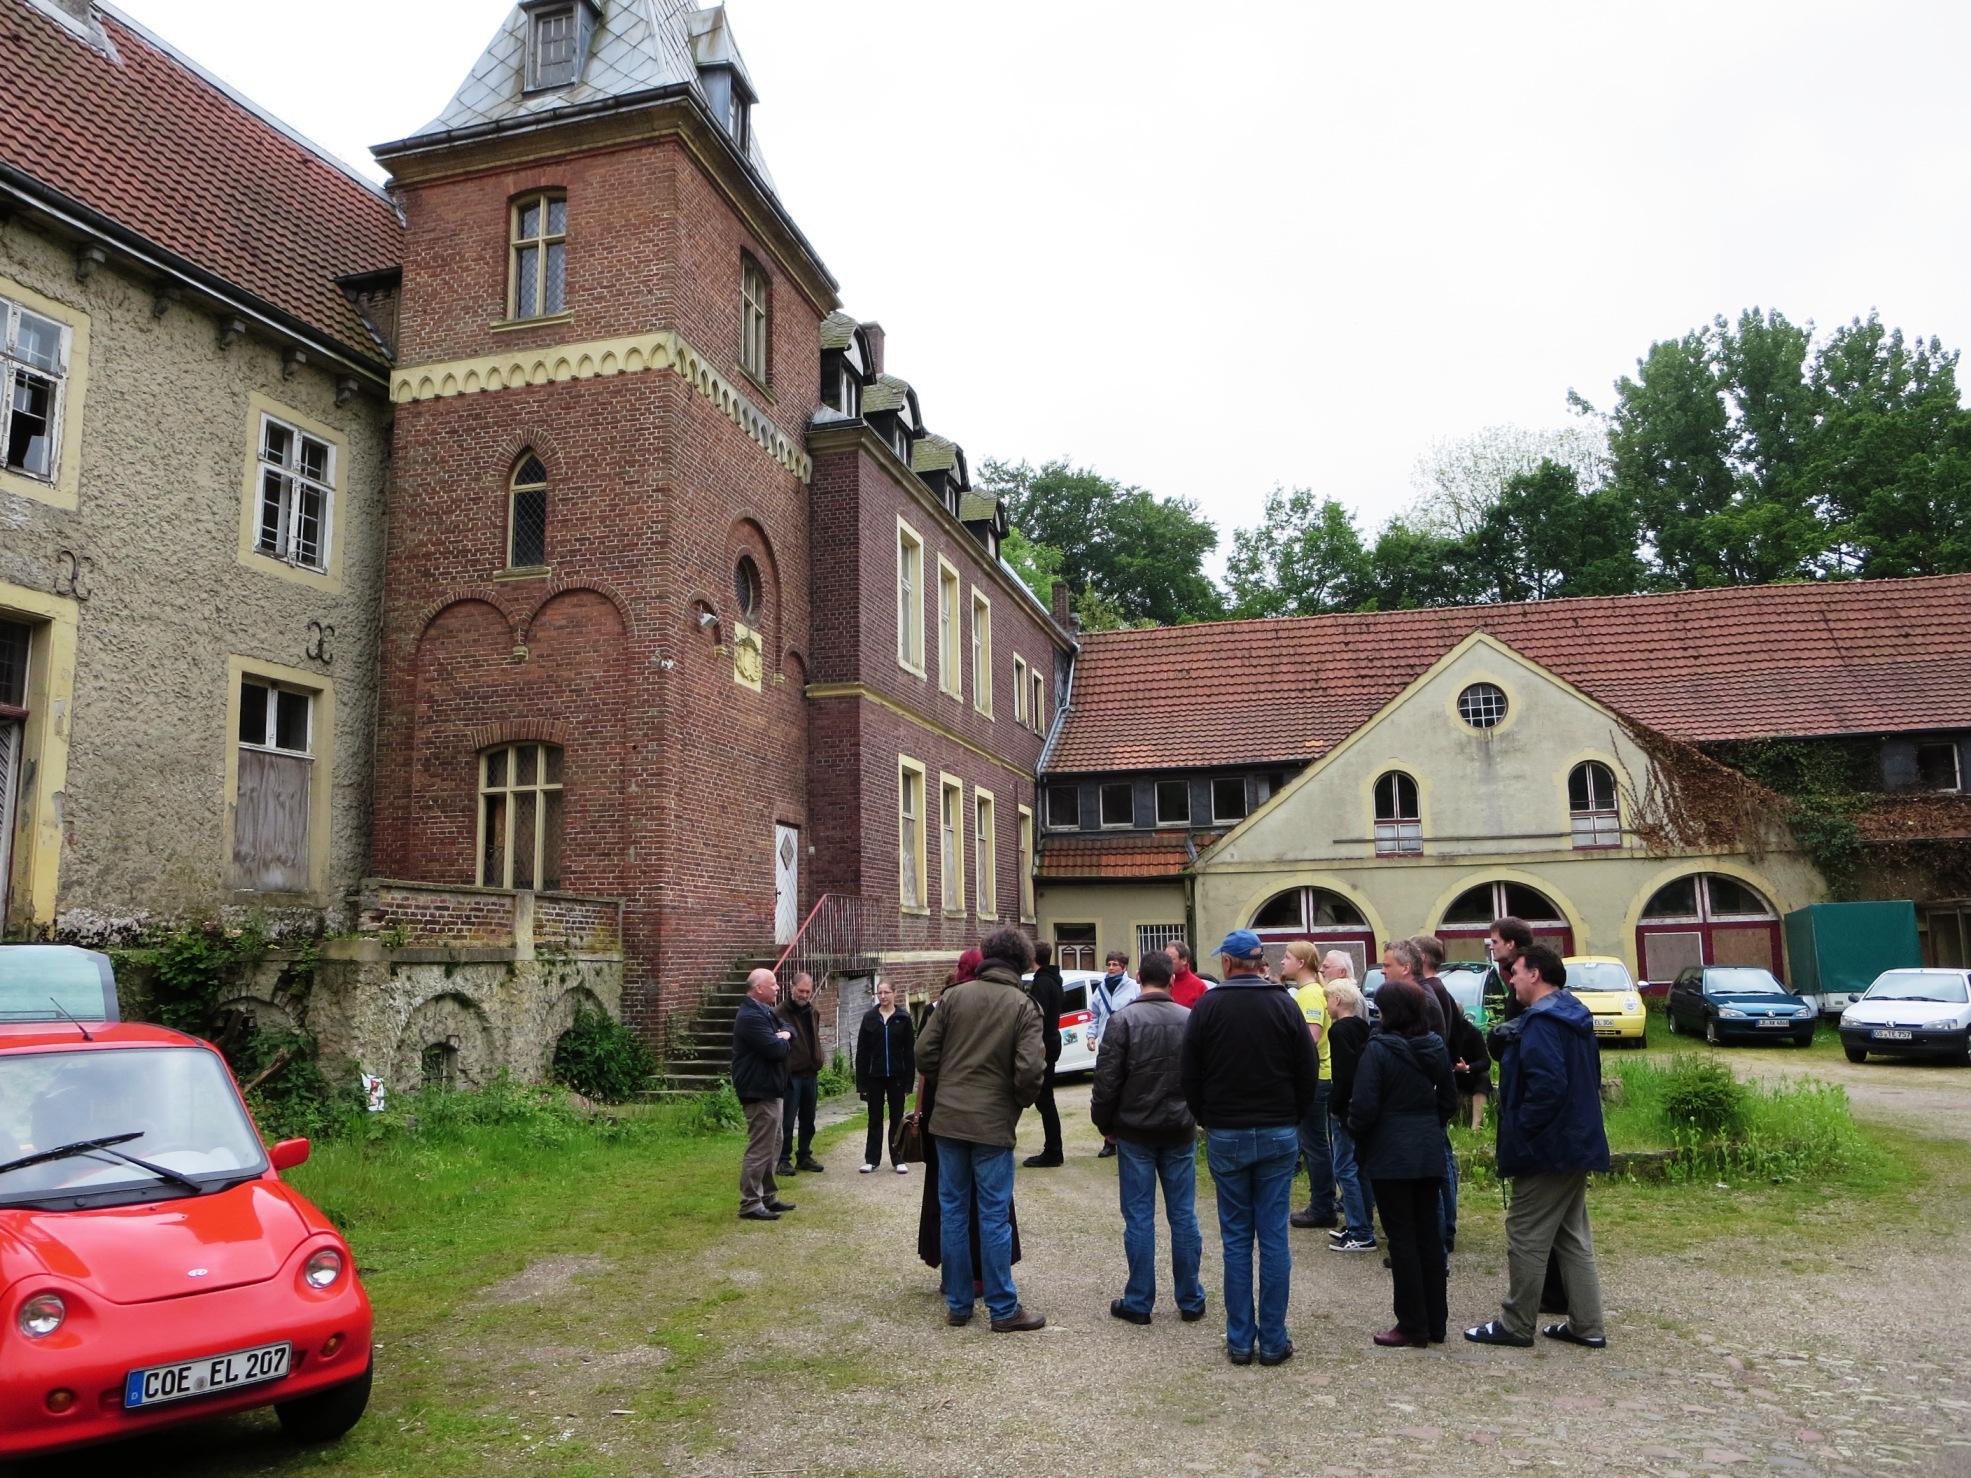 Architekt Bernd Sparenberg, Vorsitzender der Schlossinitiative Senden, erläutert seine Vorstellung zur zuünftigen Nutzung von Schloss Senden